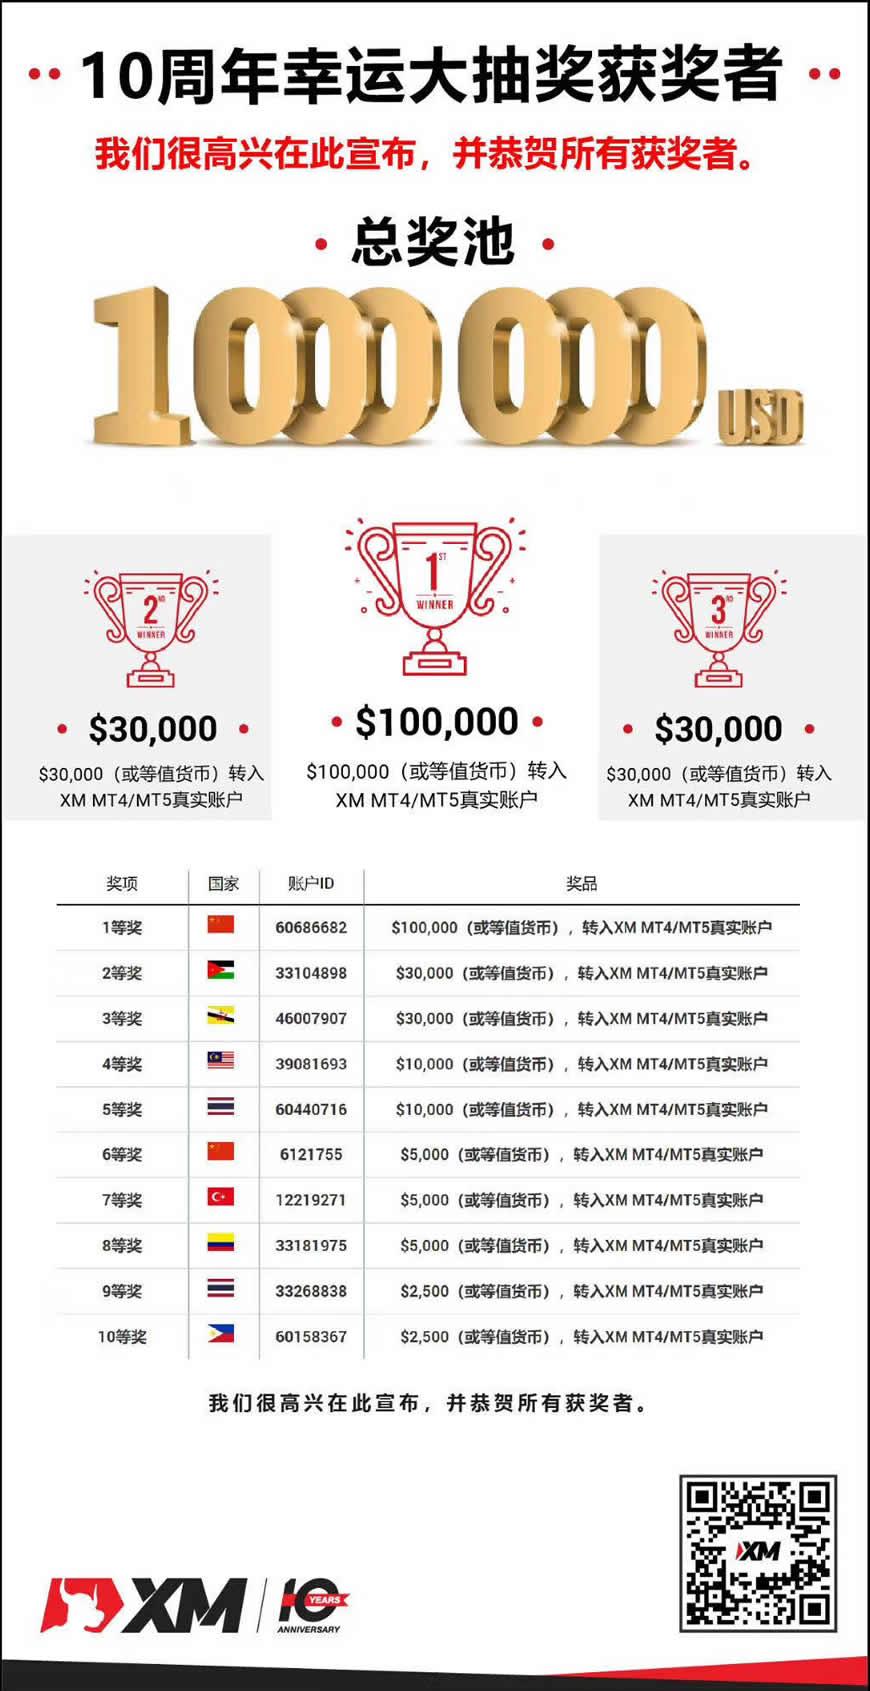 XM交易平台十周年庆中奖结果